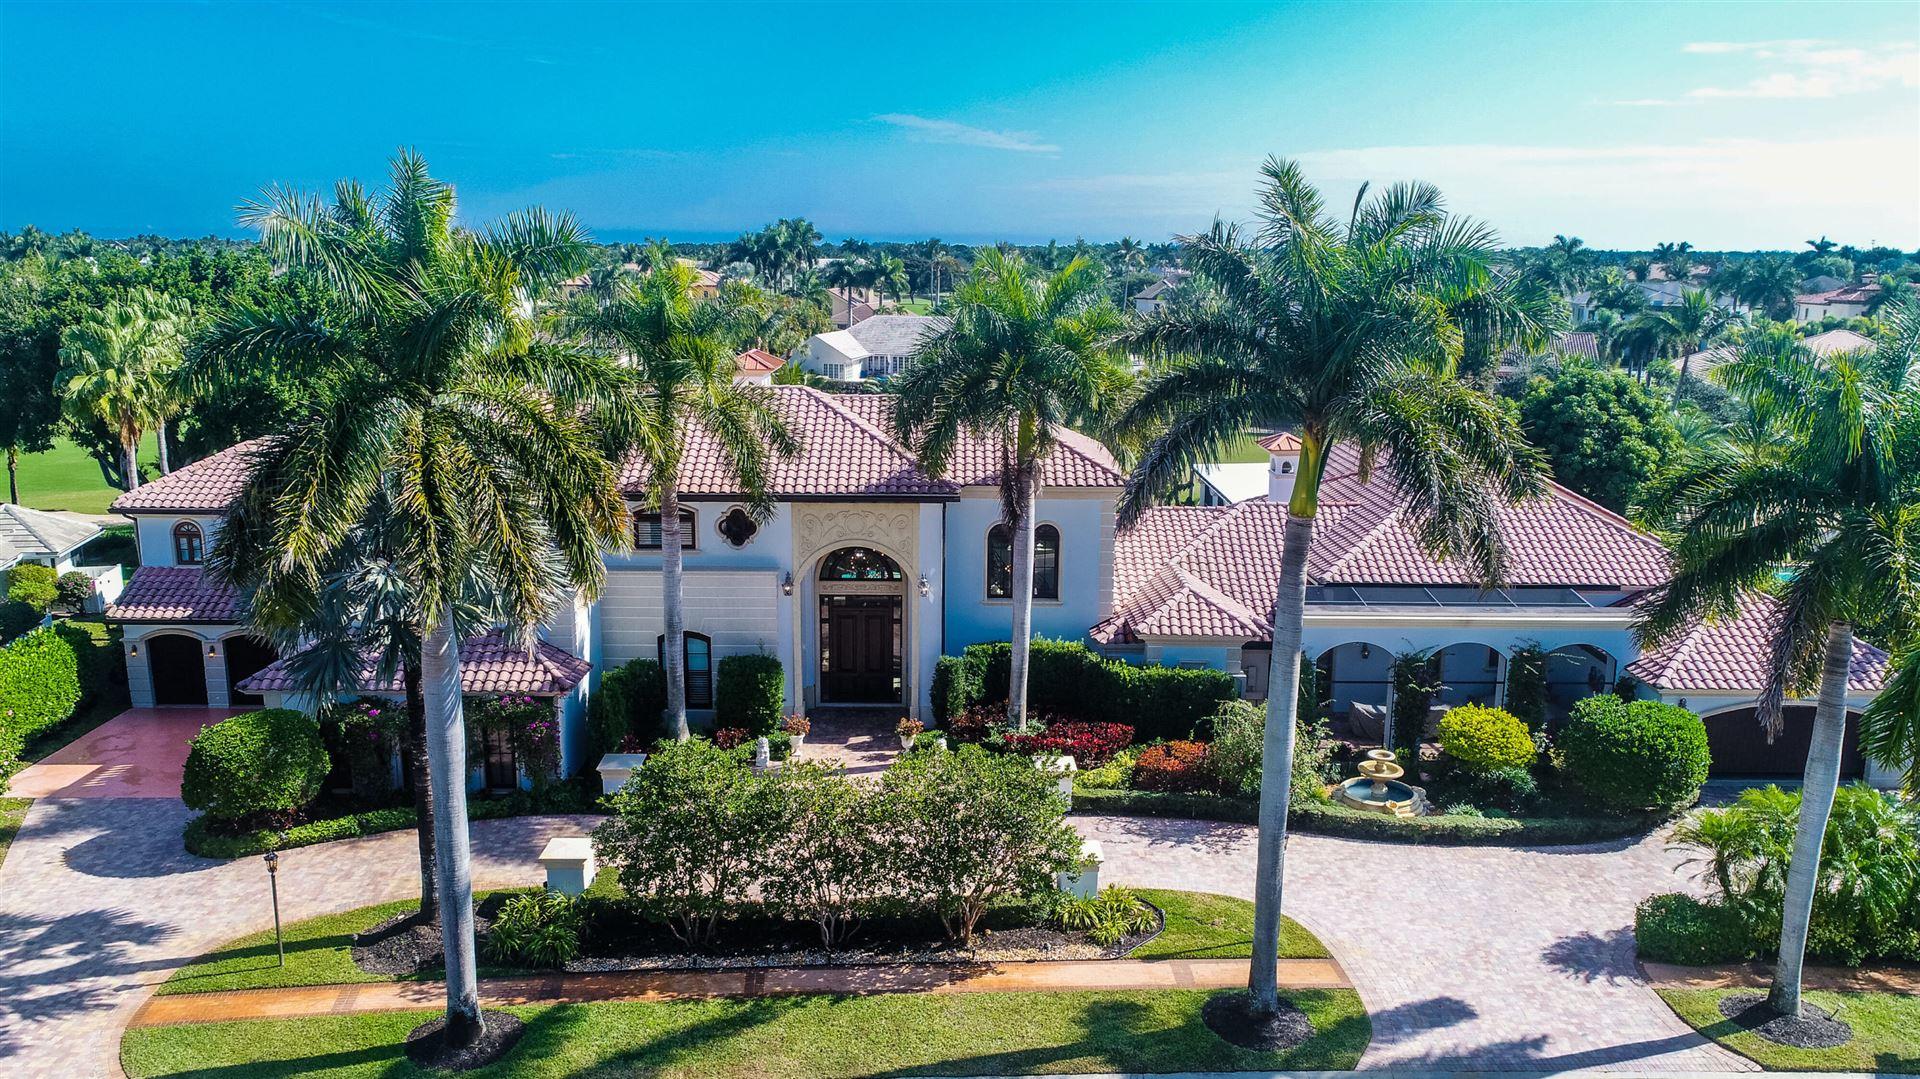 17652 Foxborough Lane, Boca Raton, FL 33496 - #: RX-10681820